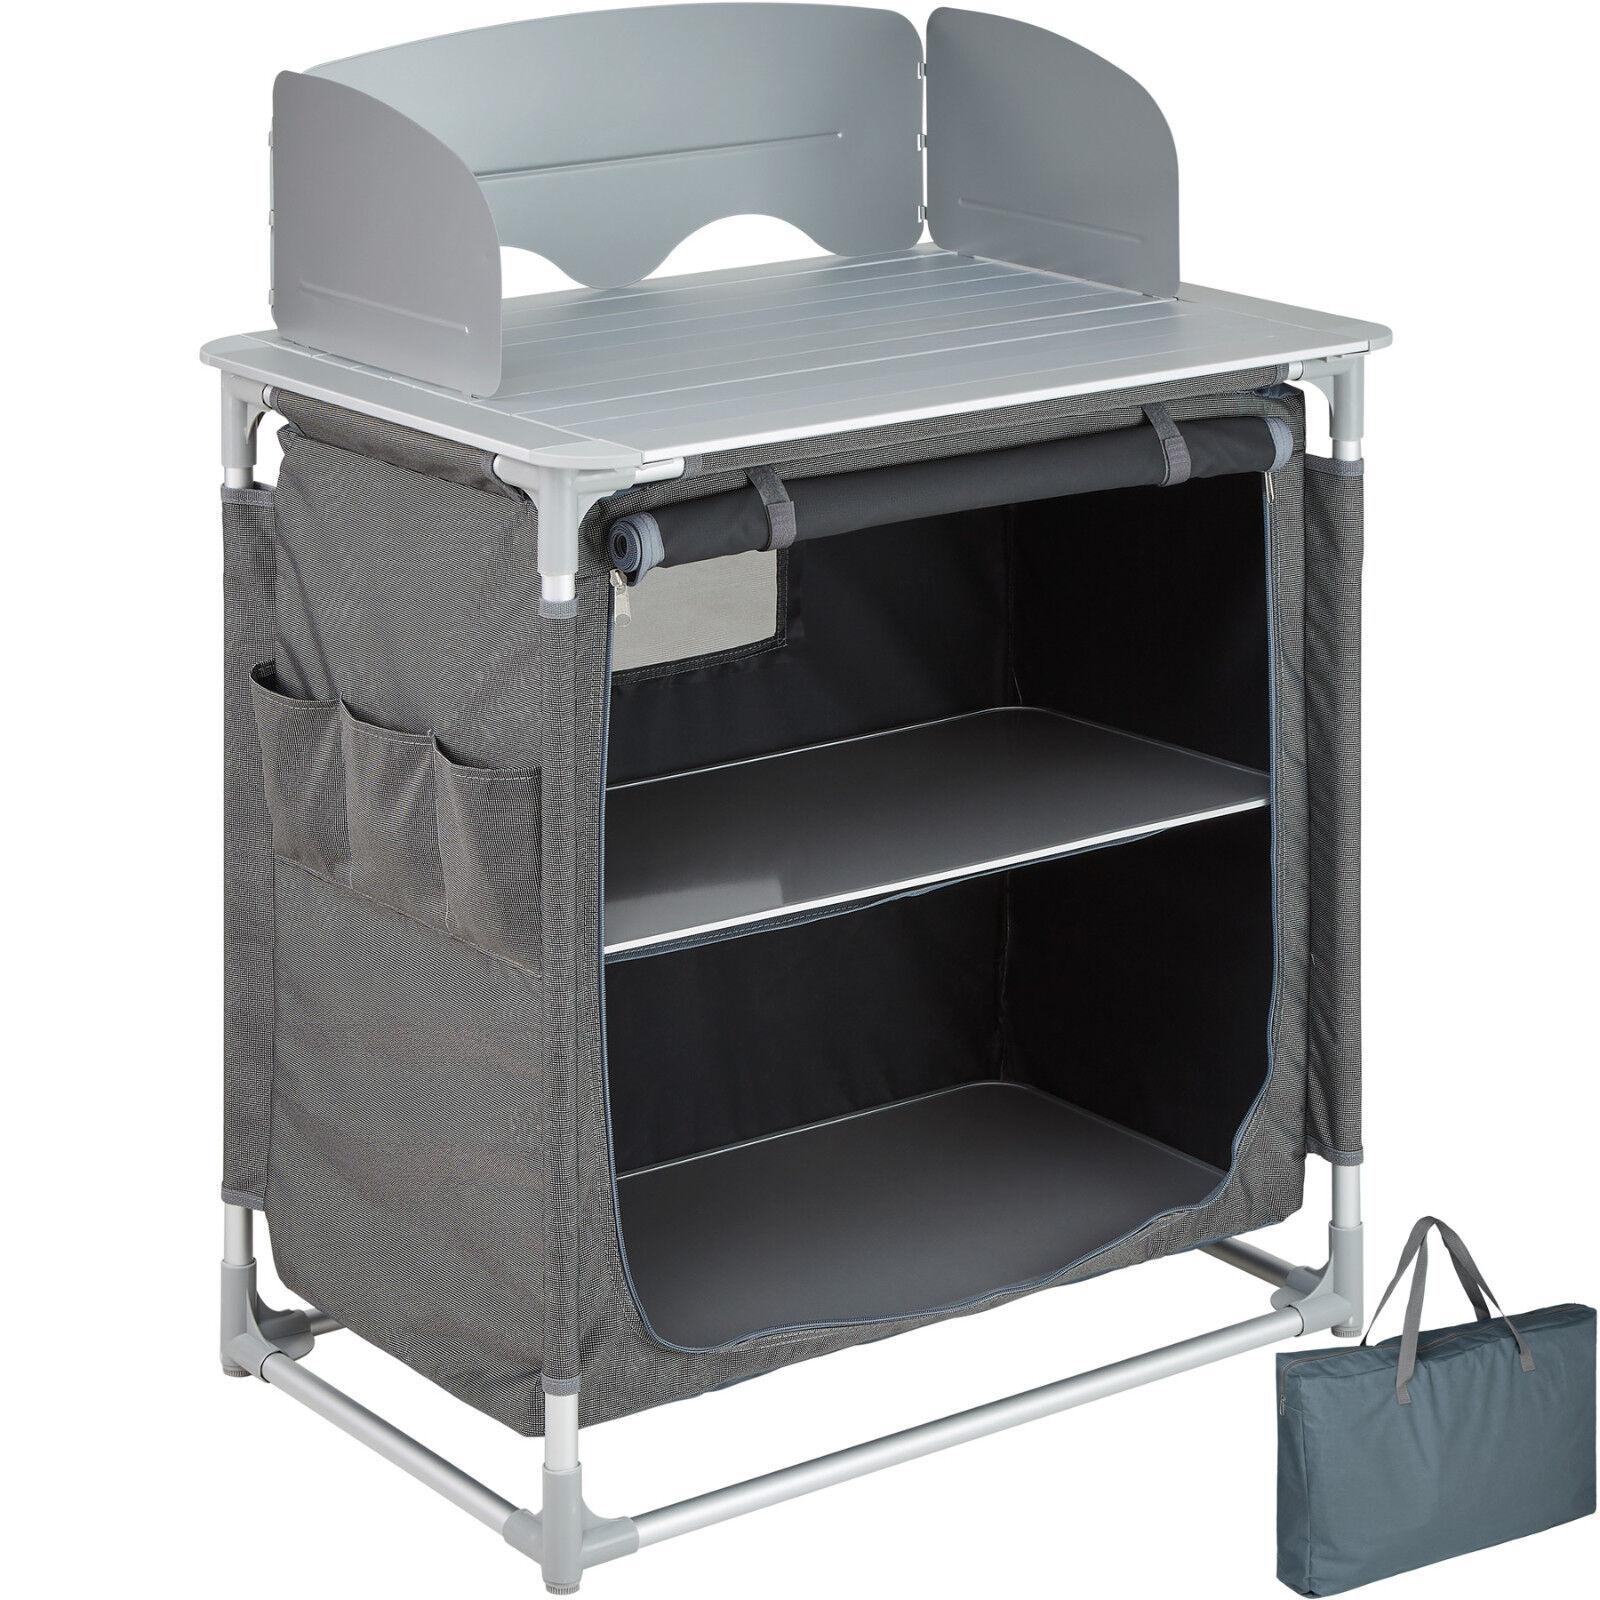 Campingküche Alu Küchenbox Campingschrank Faltschrank faltbar Windschutz Kochen